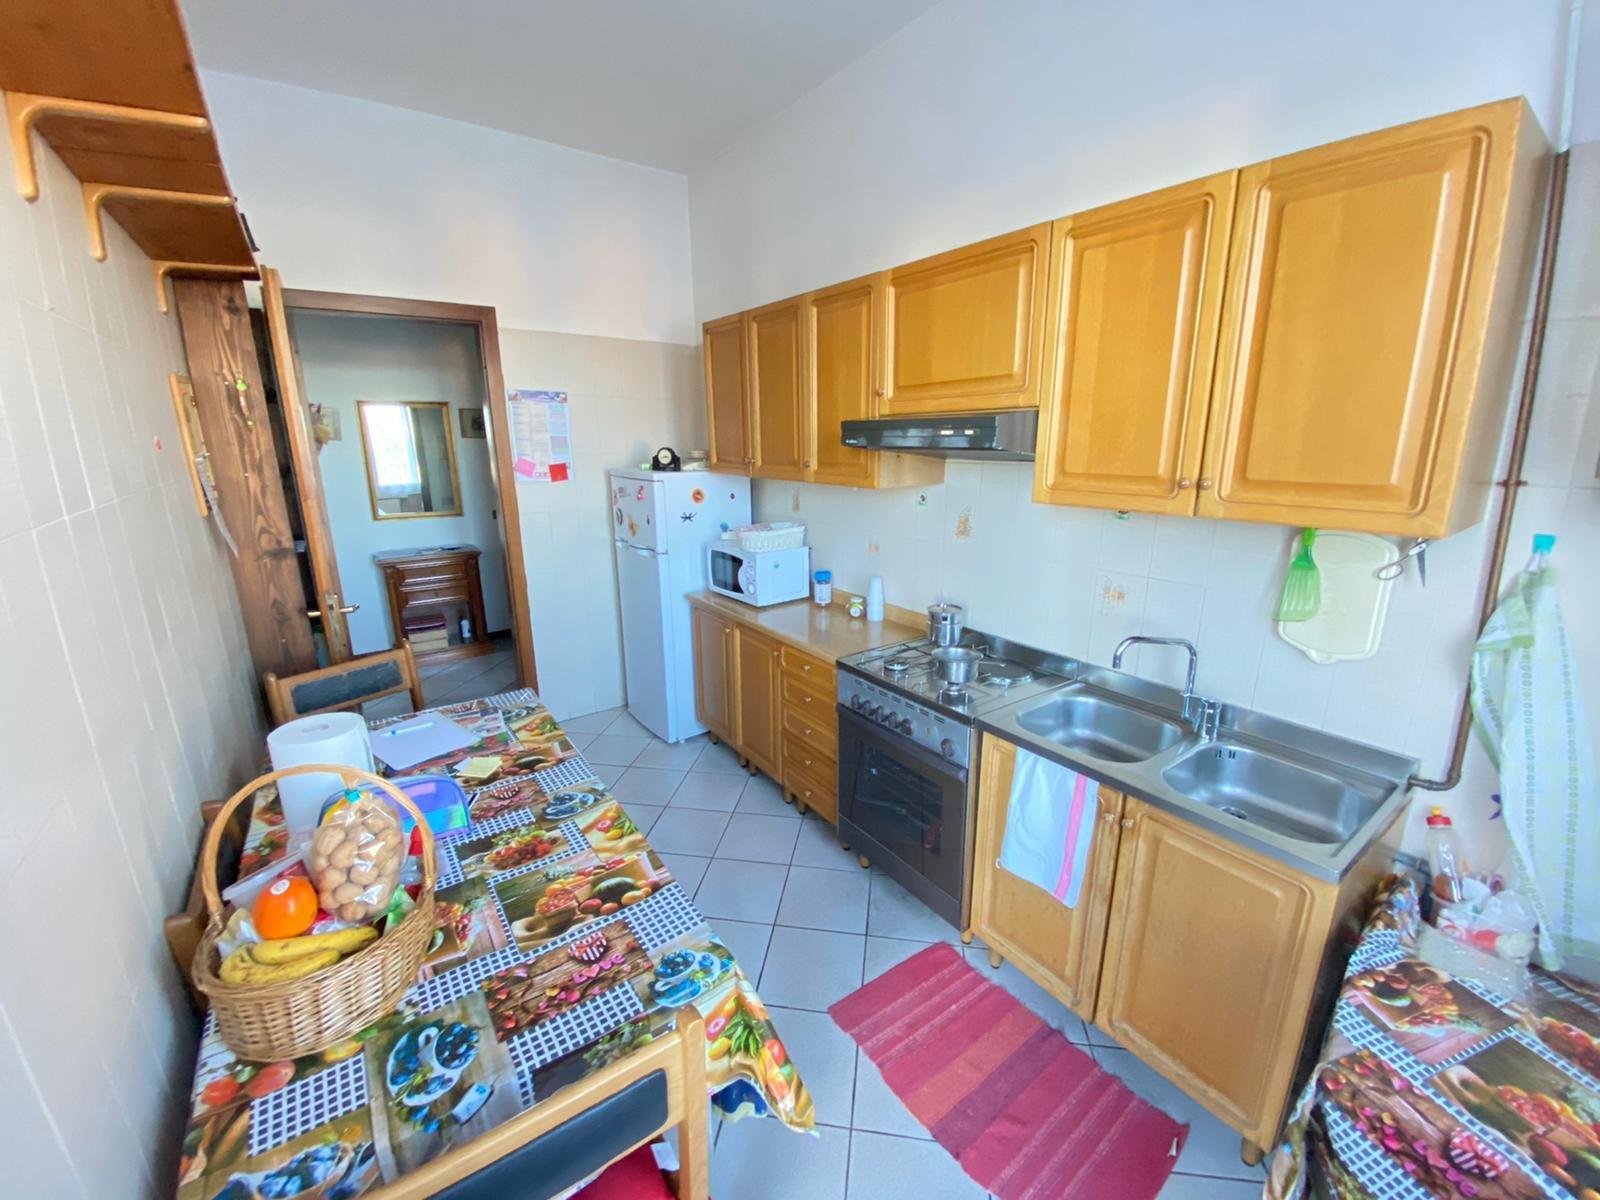 Sale Apartment - Beregazzo con Figliaro Beregazzo - Italy